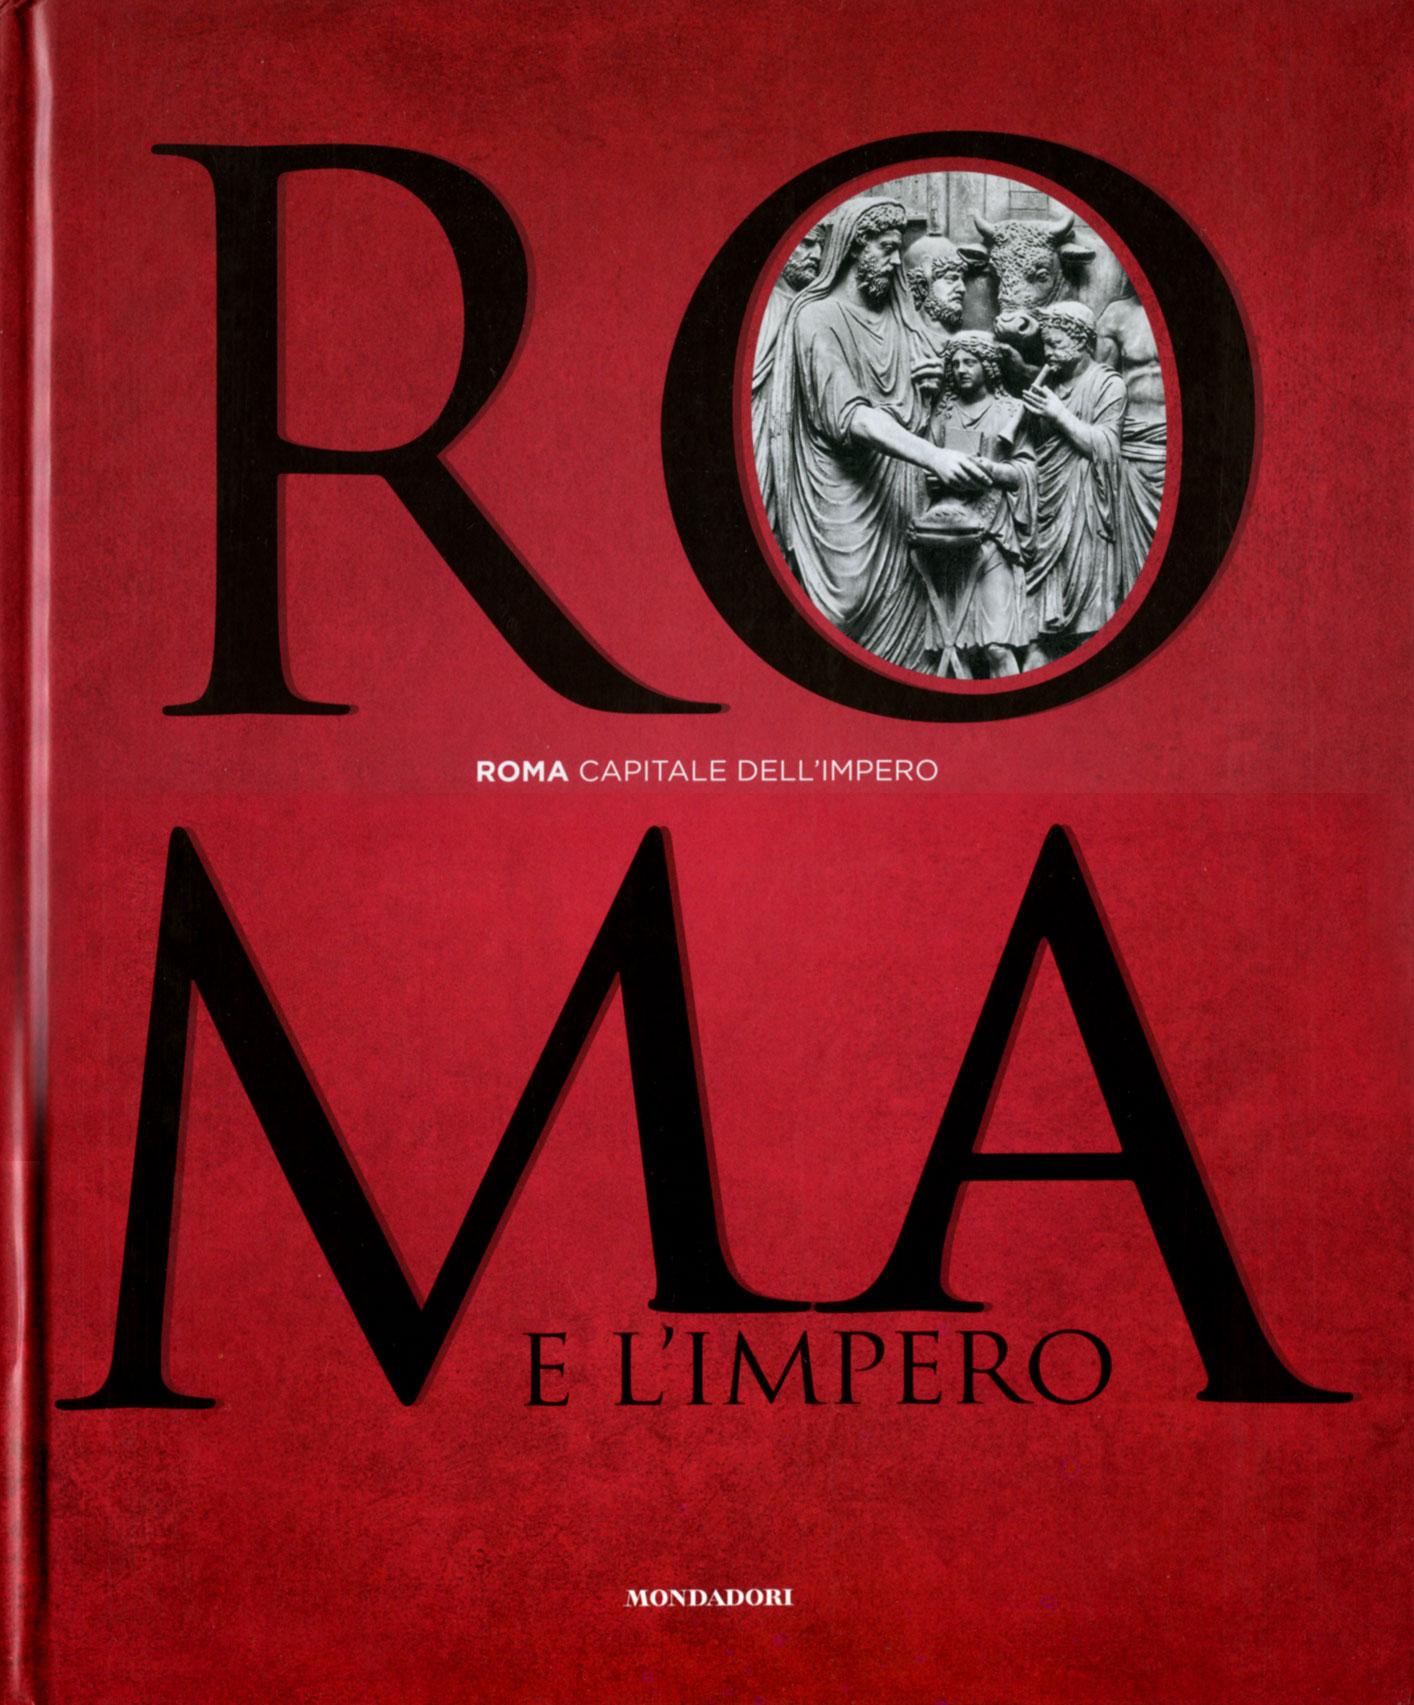 Roma, capitale dell'Impero